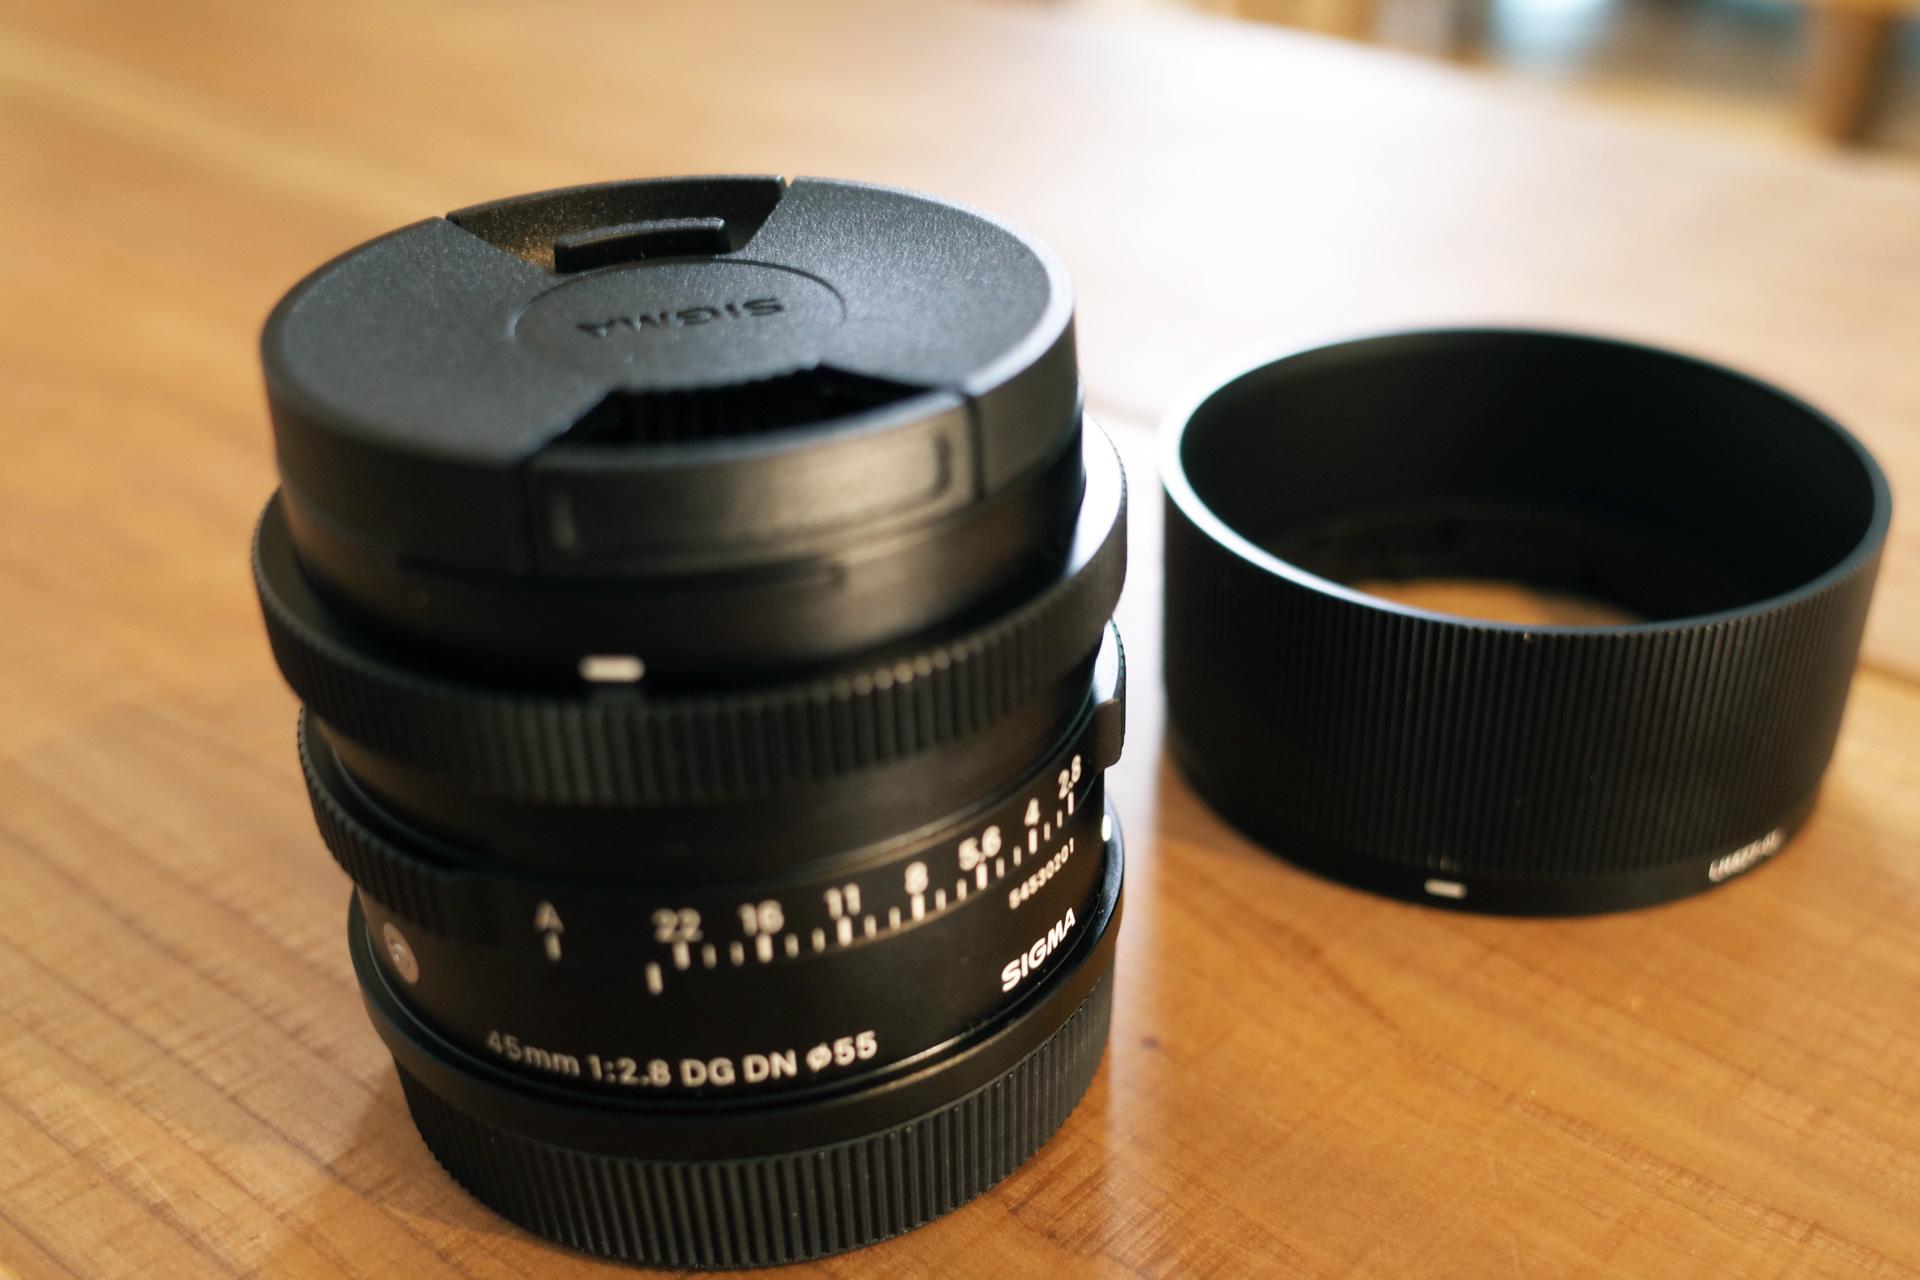 シグマ 45mm 2.8f DG DN 単焦点レンズ フルサイズ ミラーレス一眼用